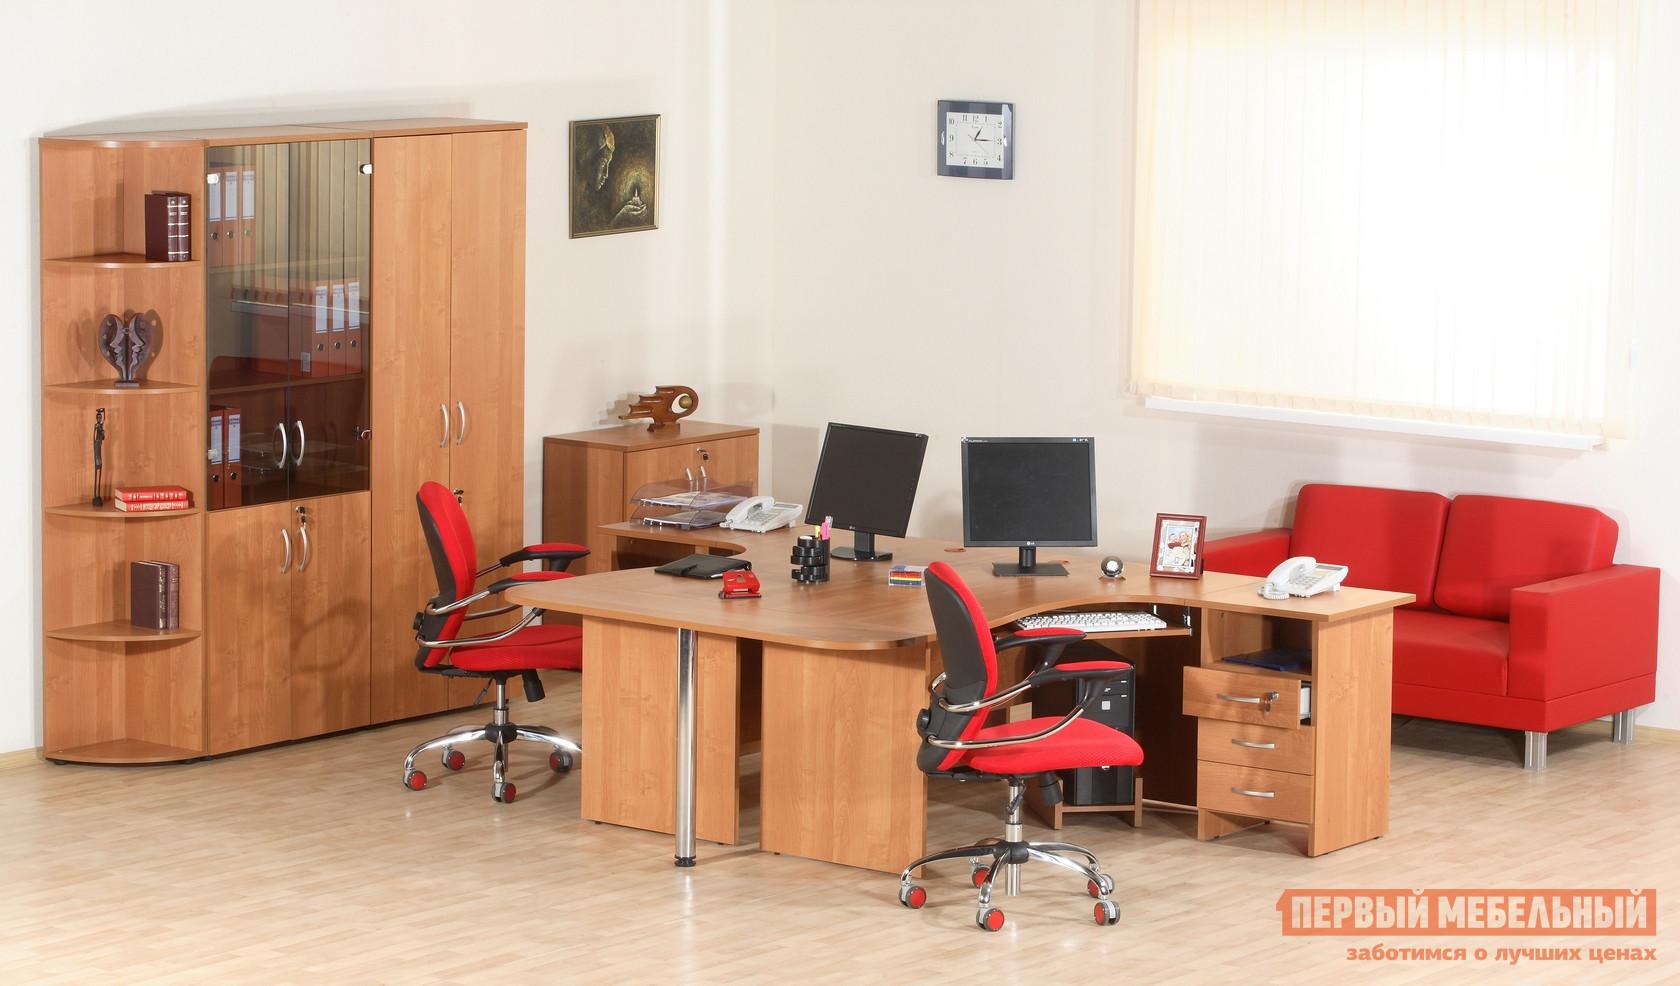 Комплект офисной мебели Витра Альфа К3 комплект офисной мебели pointex свифт к3 темный